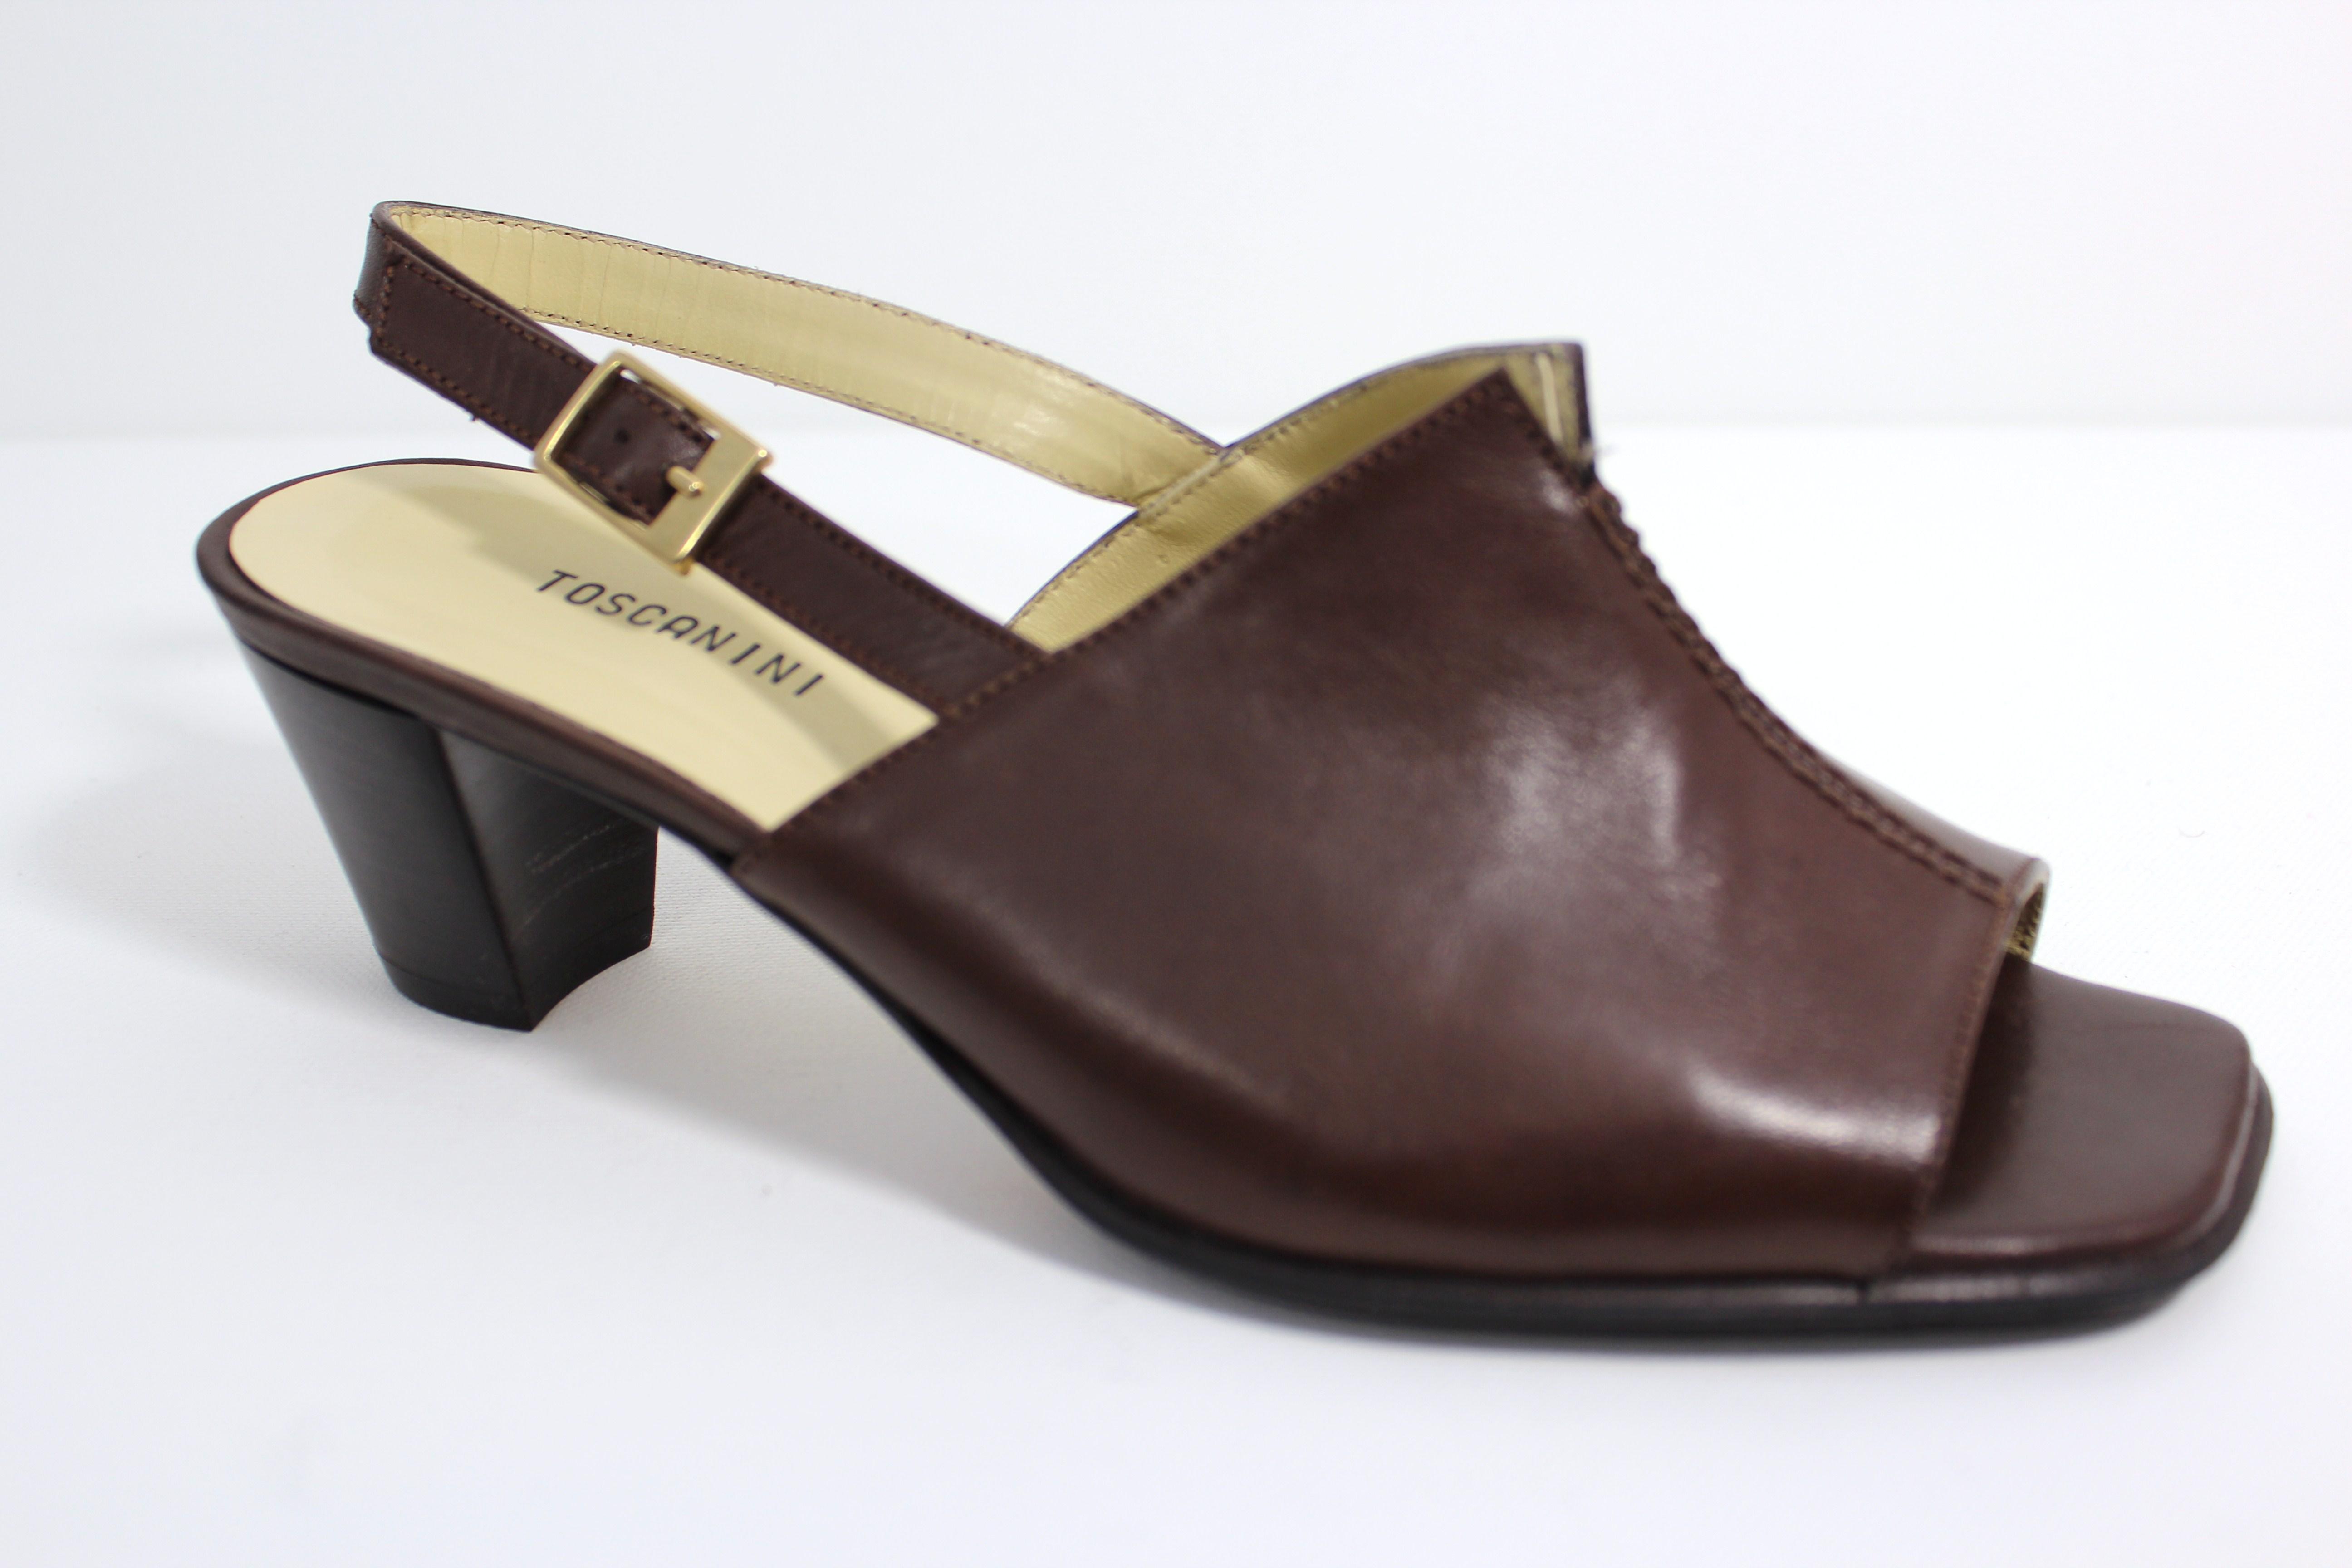 toscanini schuhe in ber und untergr en sandalette 29136005 p2654. Black Bedroom Furniture Sets. Home Design Ideas